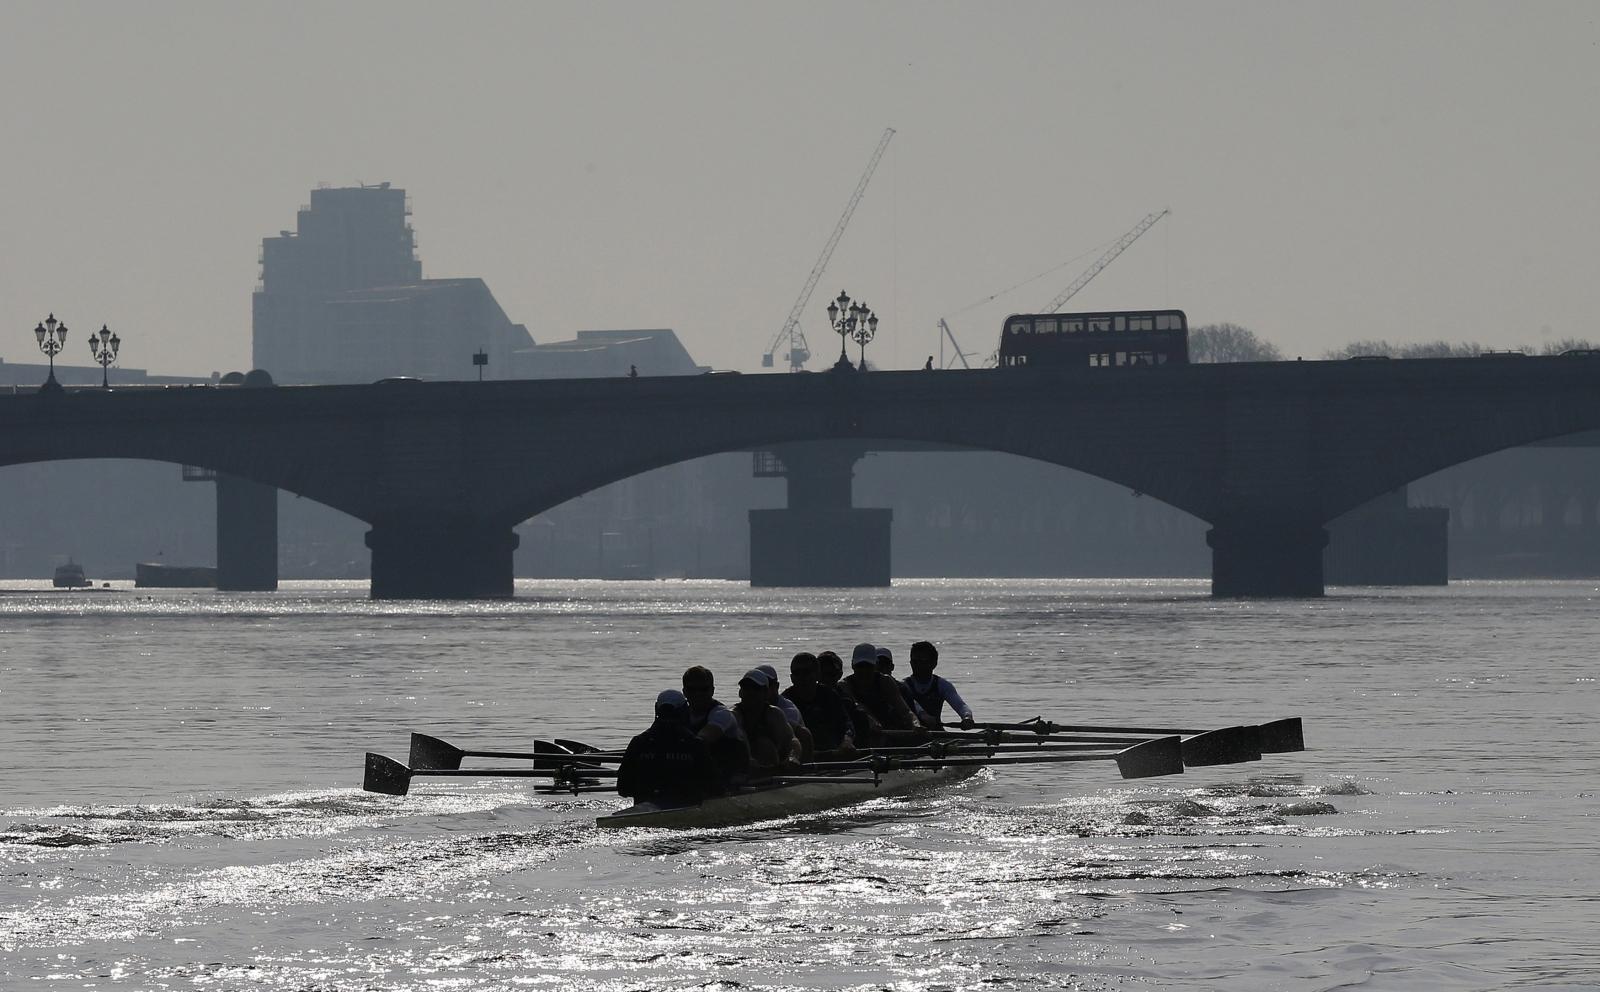 Oxford University rowing crew